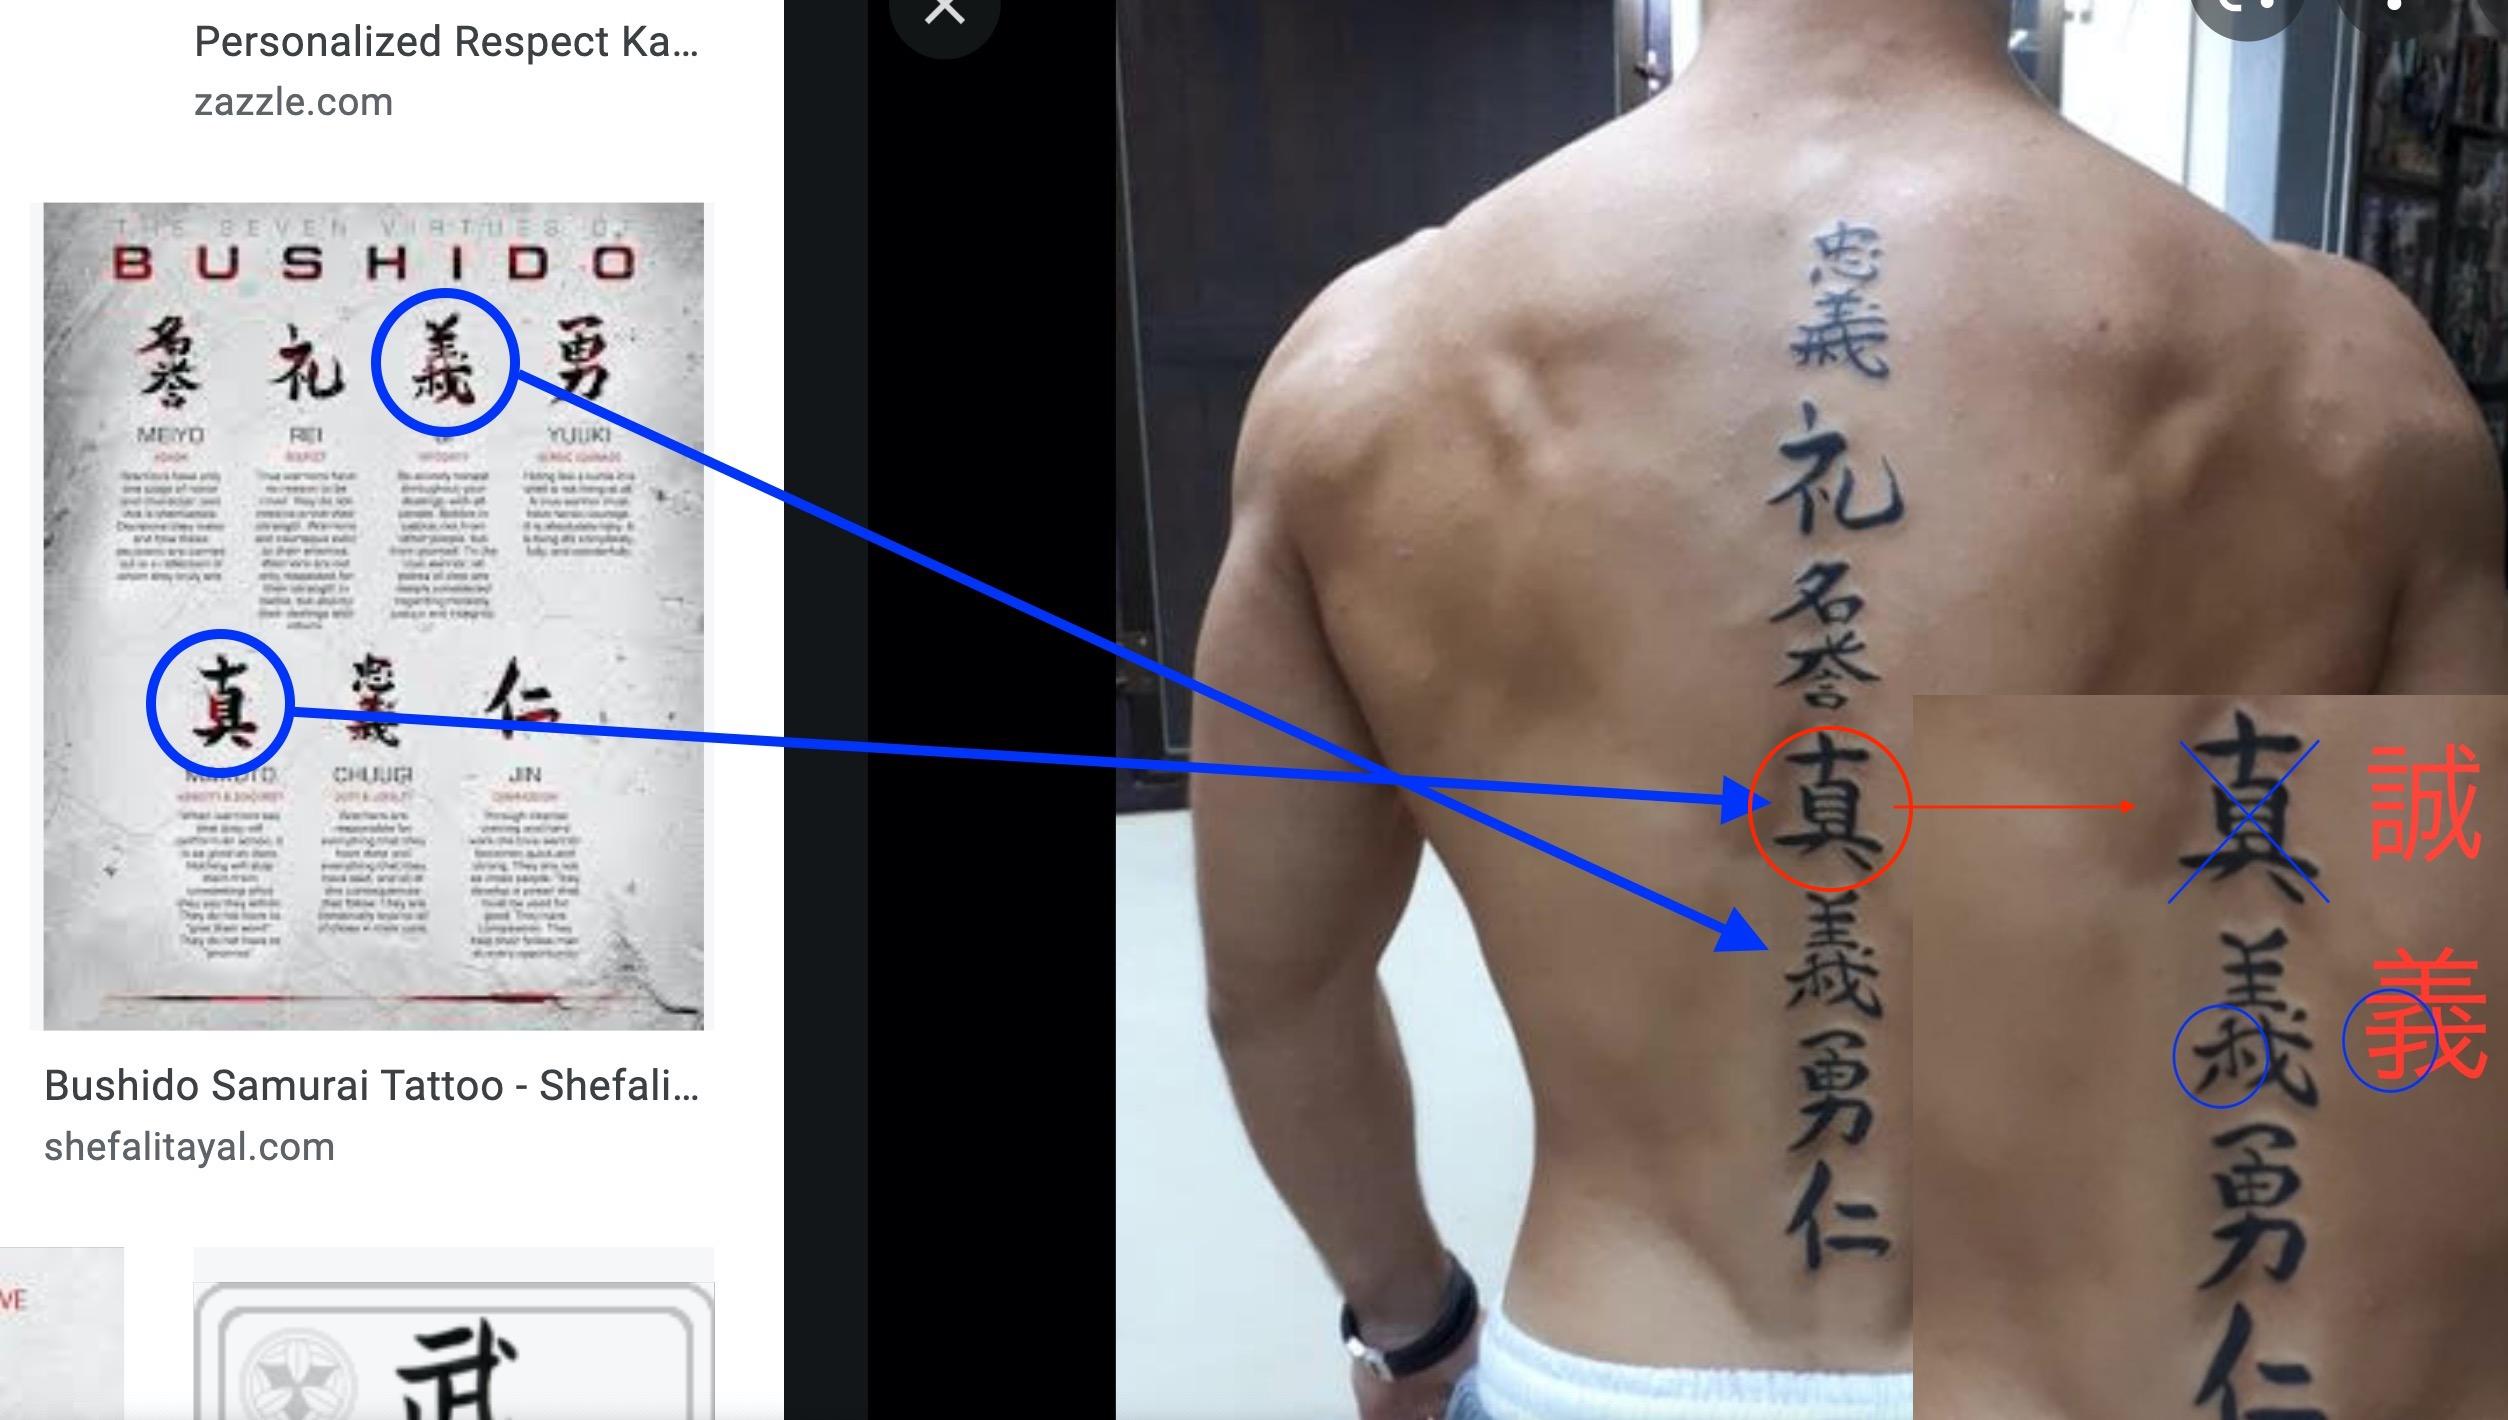 Bushido Kanji Tattoo Gone wrong veracituy